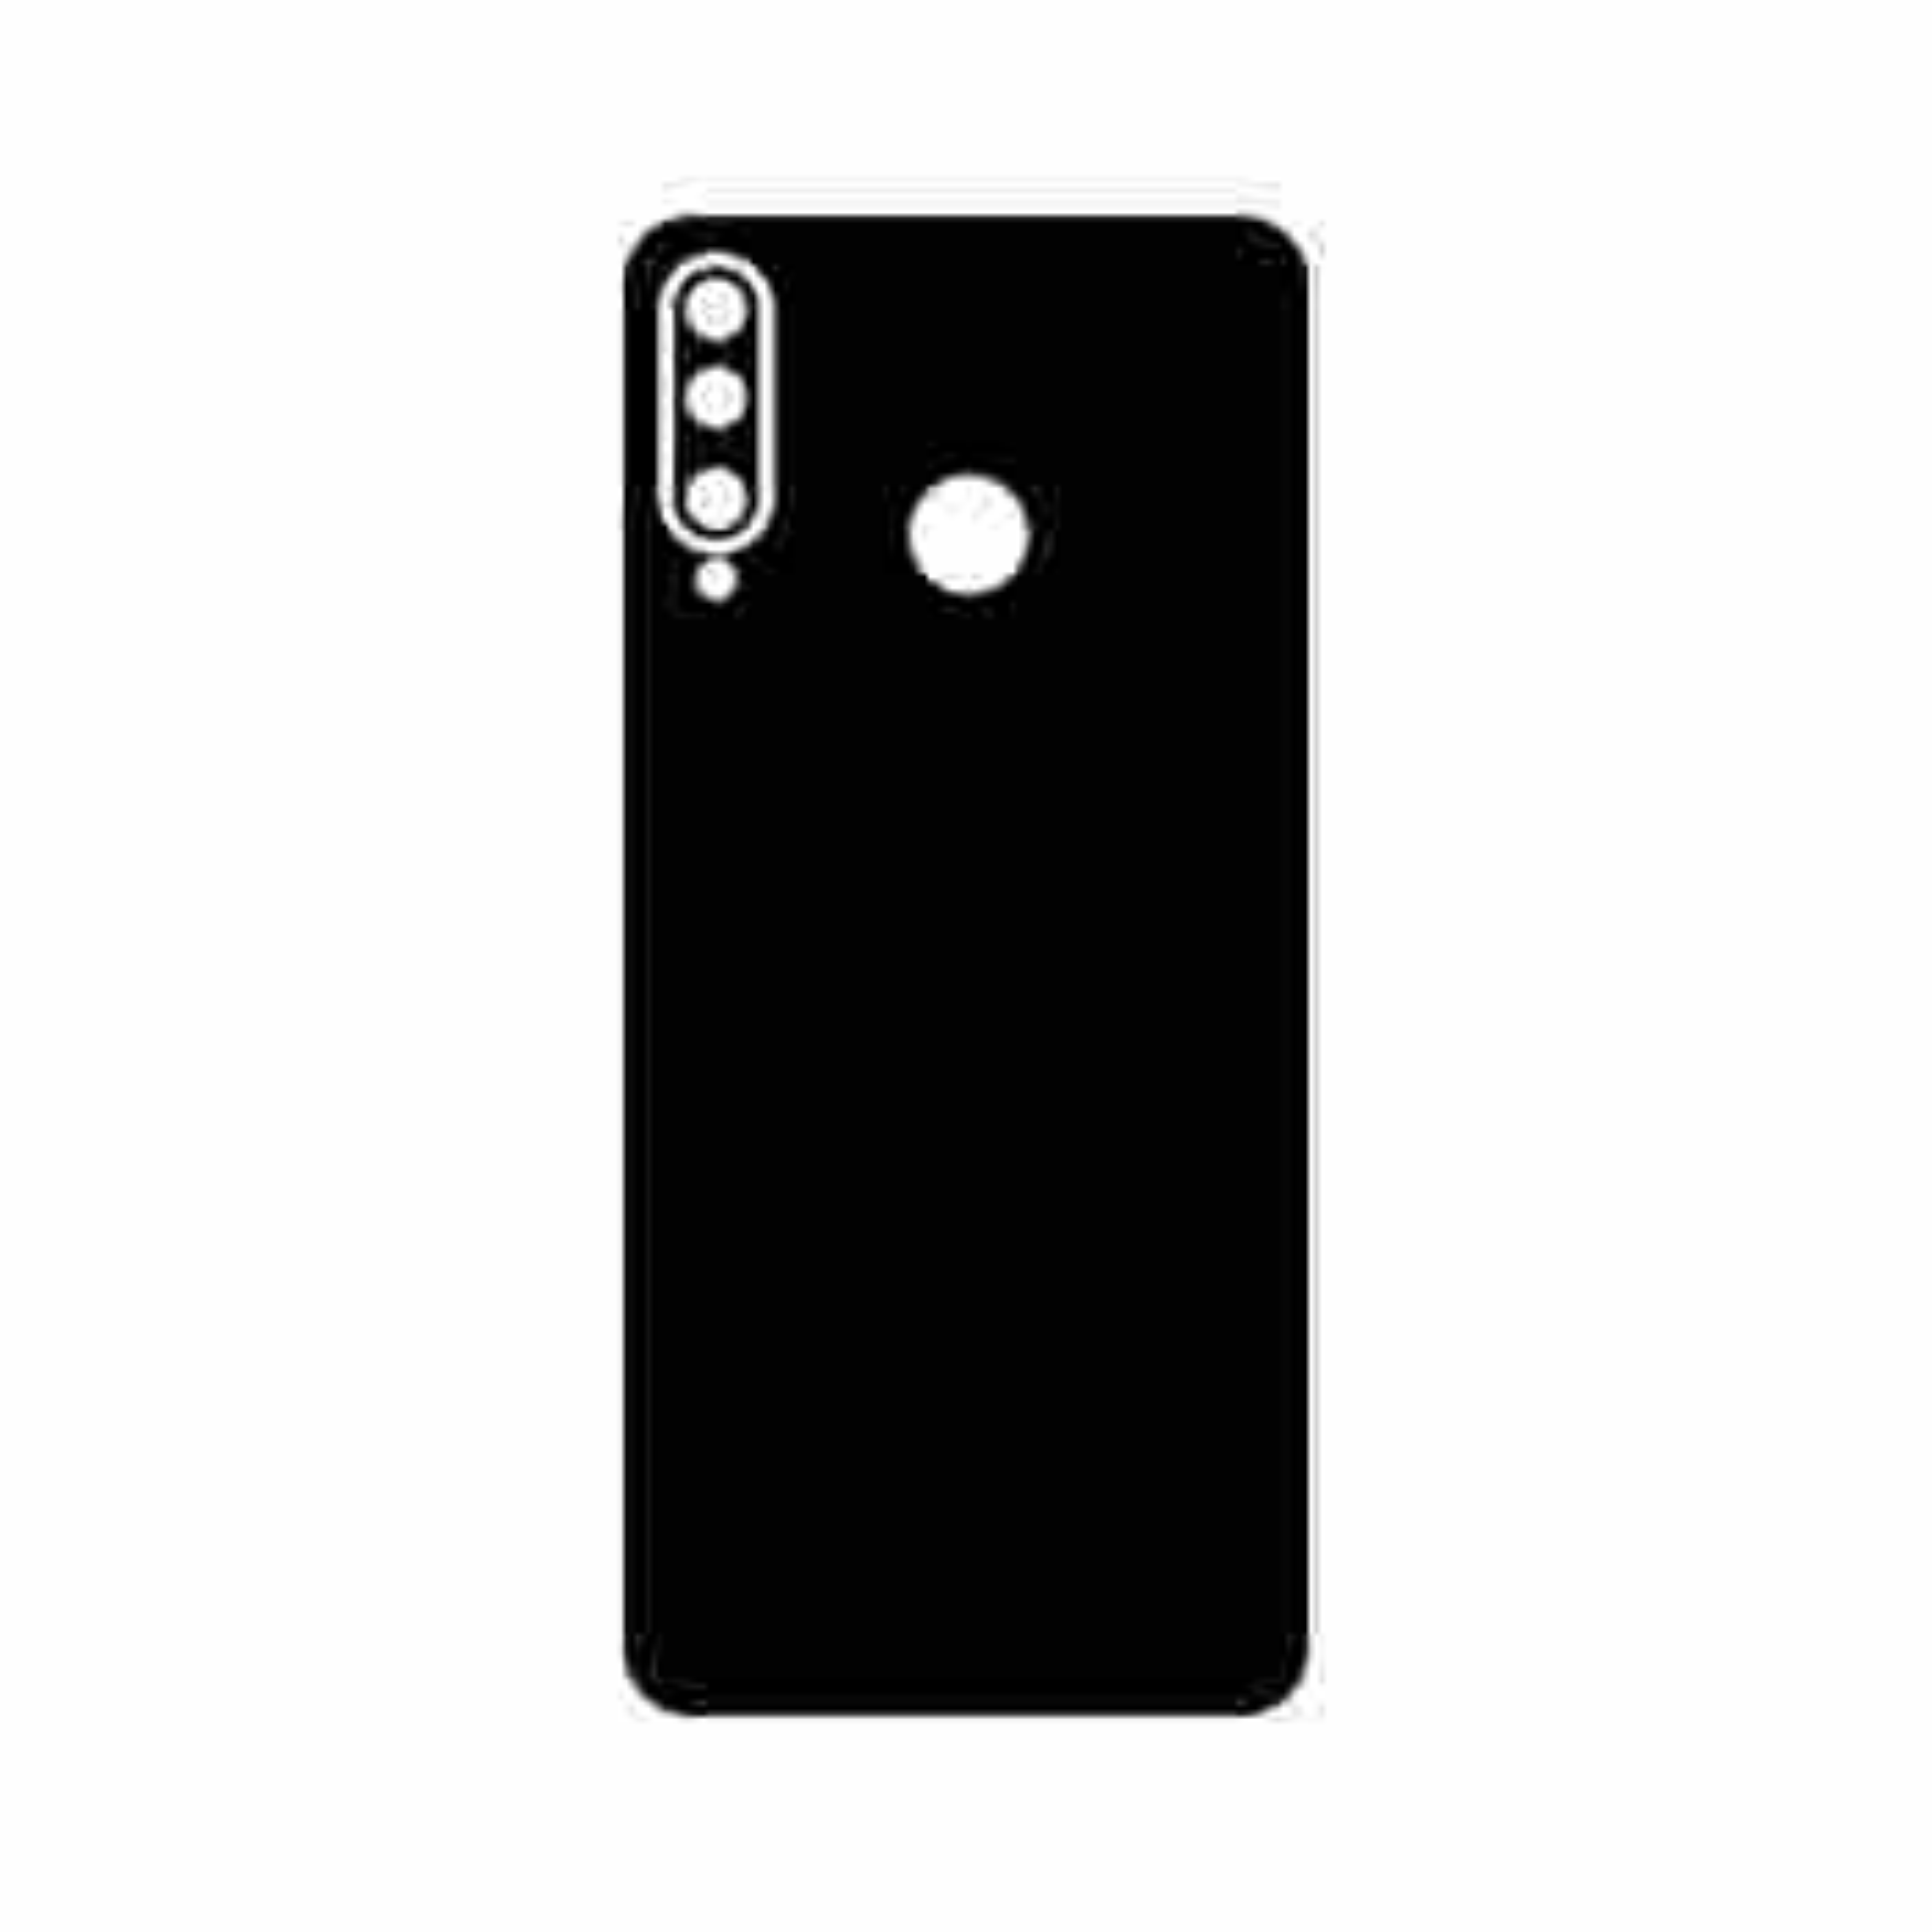 برچسب پوششی مدل 1004 مناسب برای گوشی موبایل هوآوی P30 lite